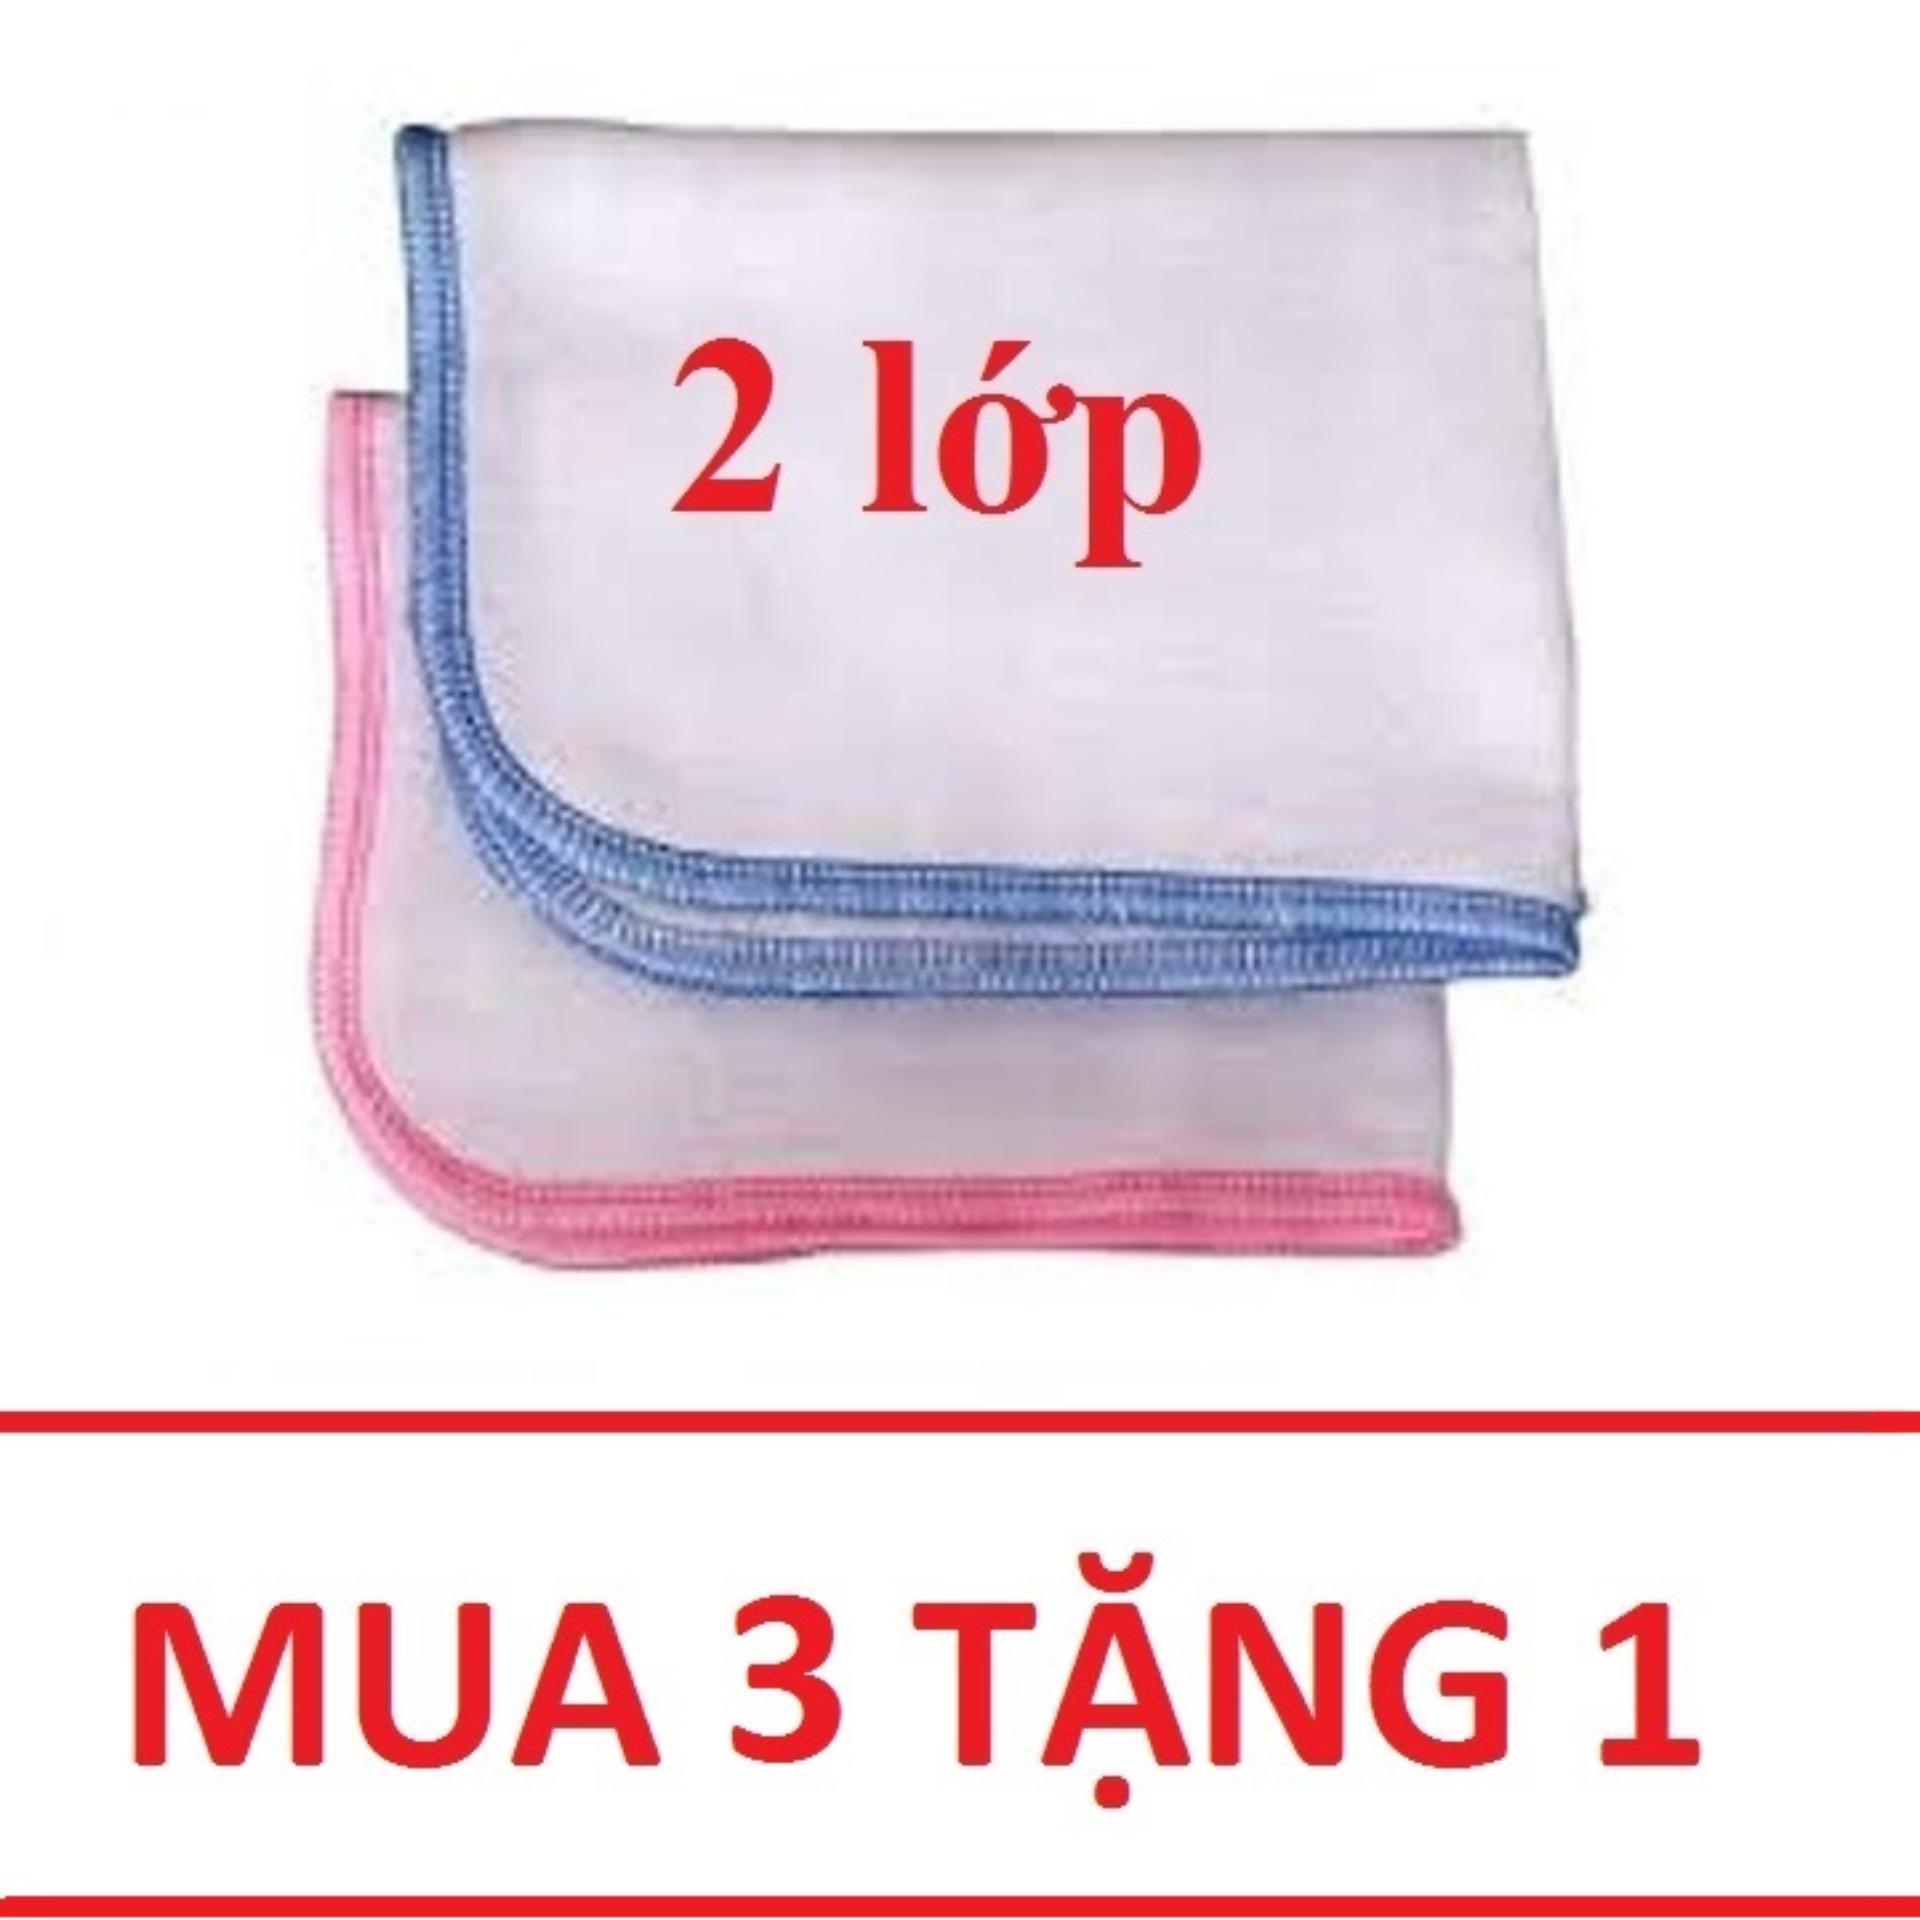 (MUA 3 TẶNG 1) 10 chiếc khăn xô sữa, khăn...